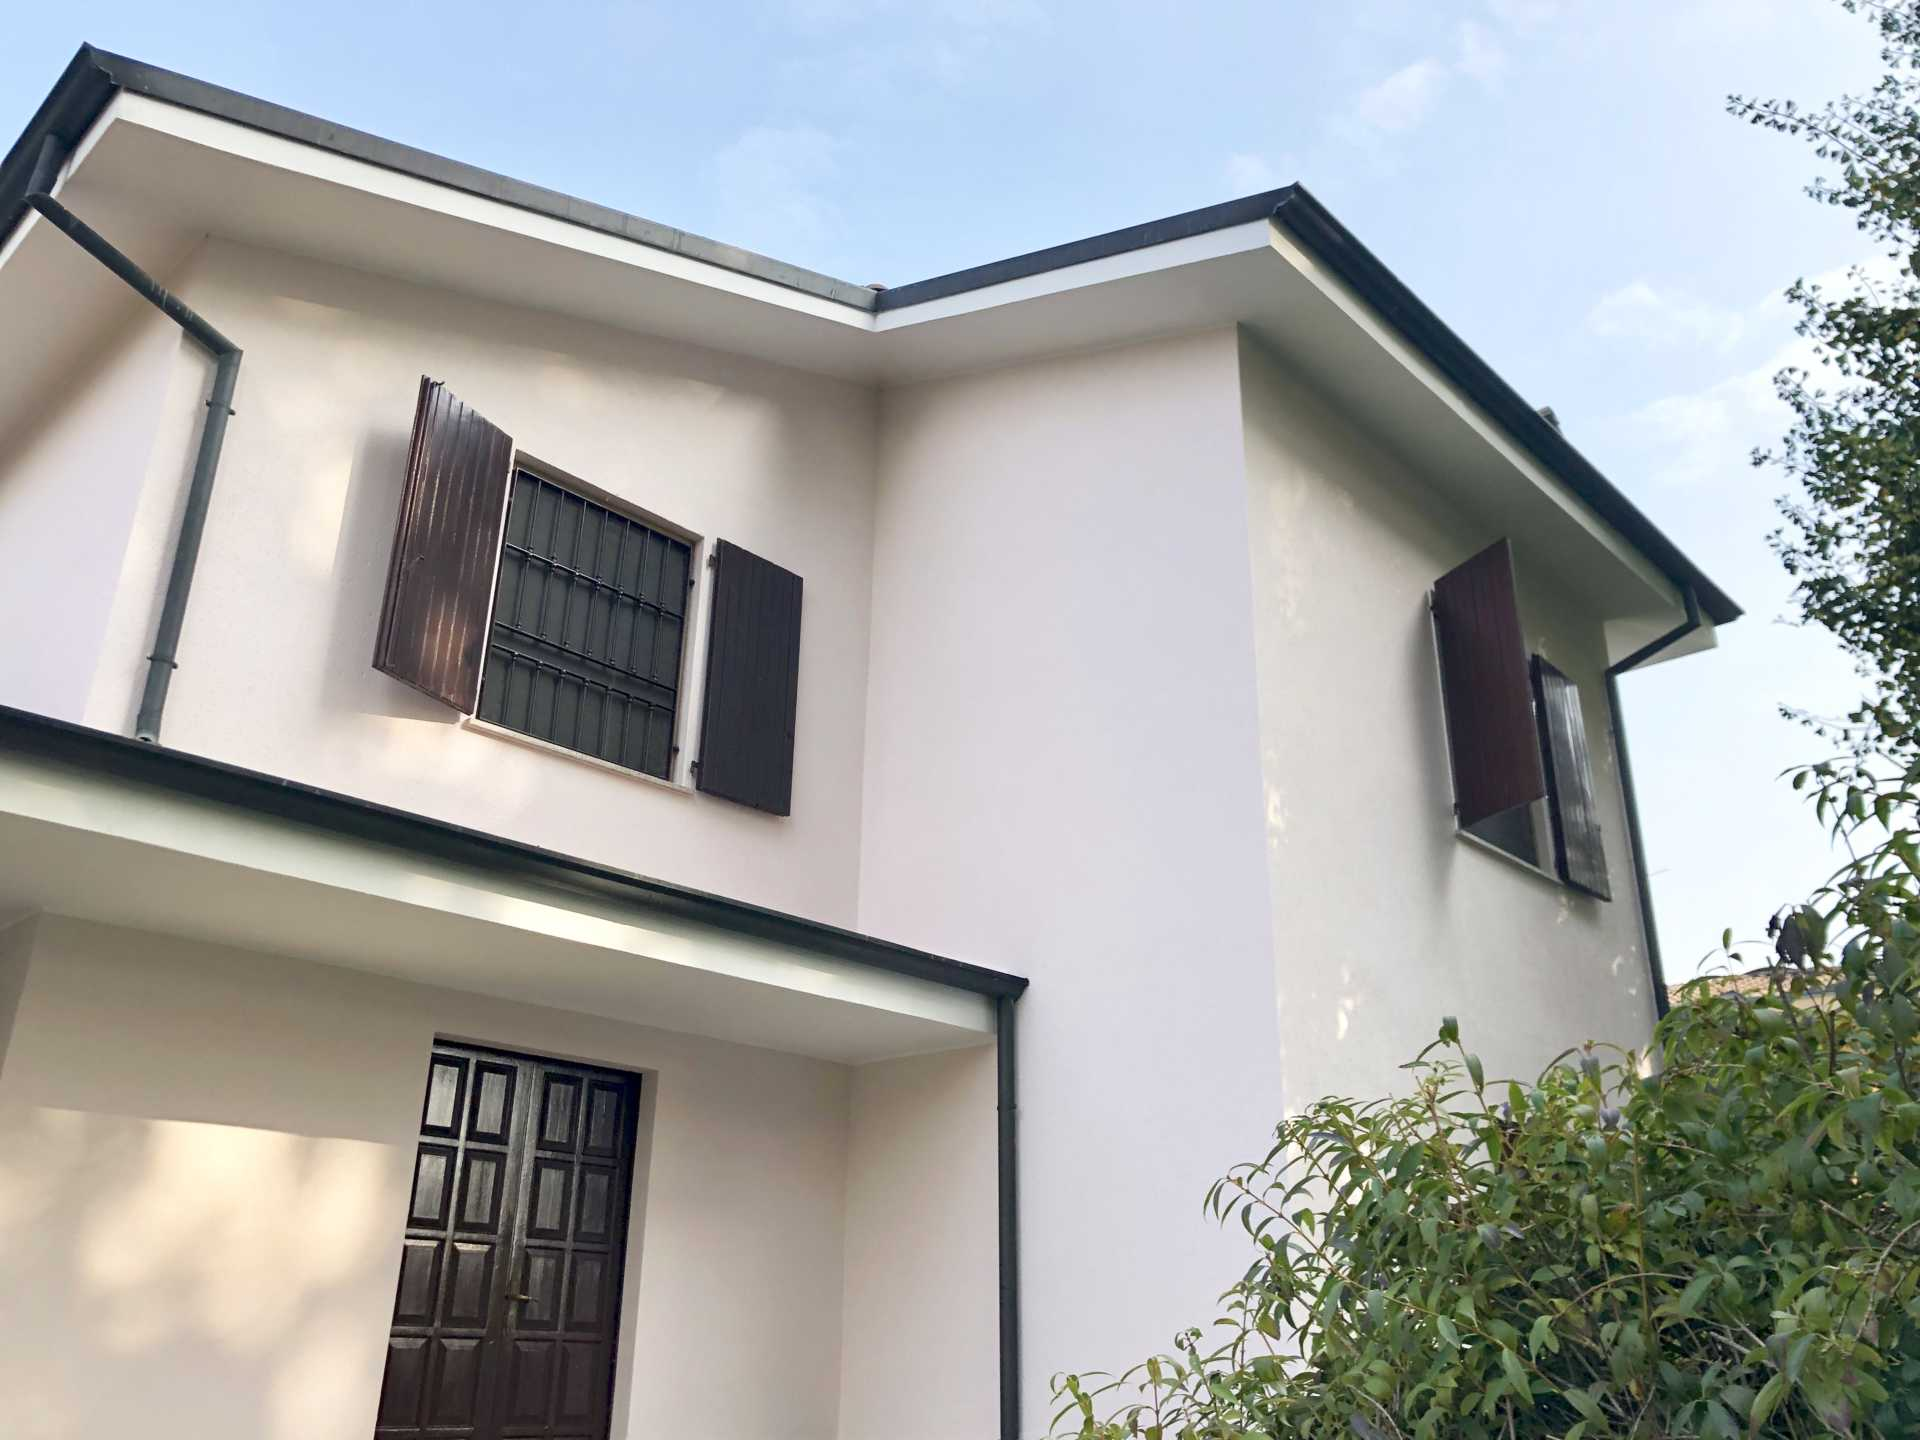 Villa-singola-in-vendita-a-Massalengo (18)